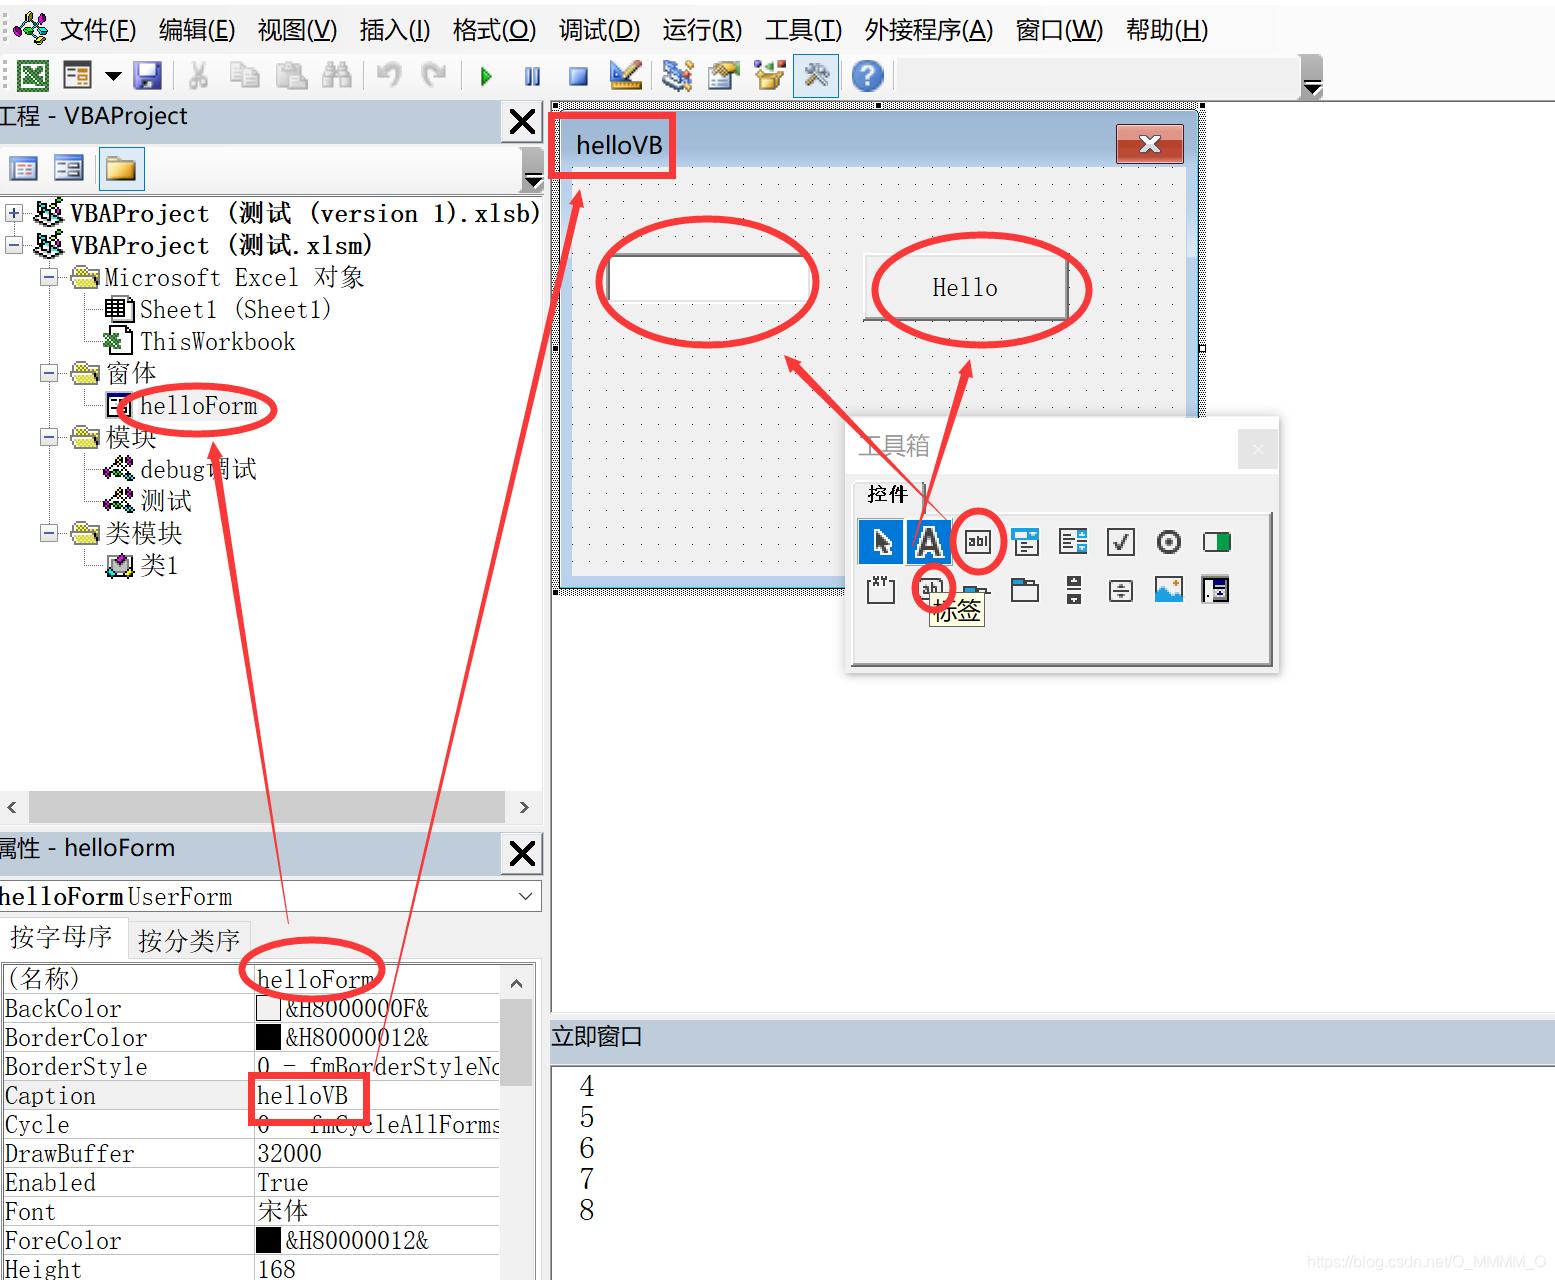 [外链图片转存失败,源站可能有防盗链机制,建议将图片保存下来直接上传(img-k8X7TDg4-1615651551134)(images/VBA基础教程一/image-20210307125227582.png)]